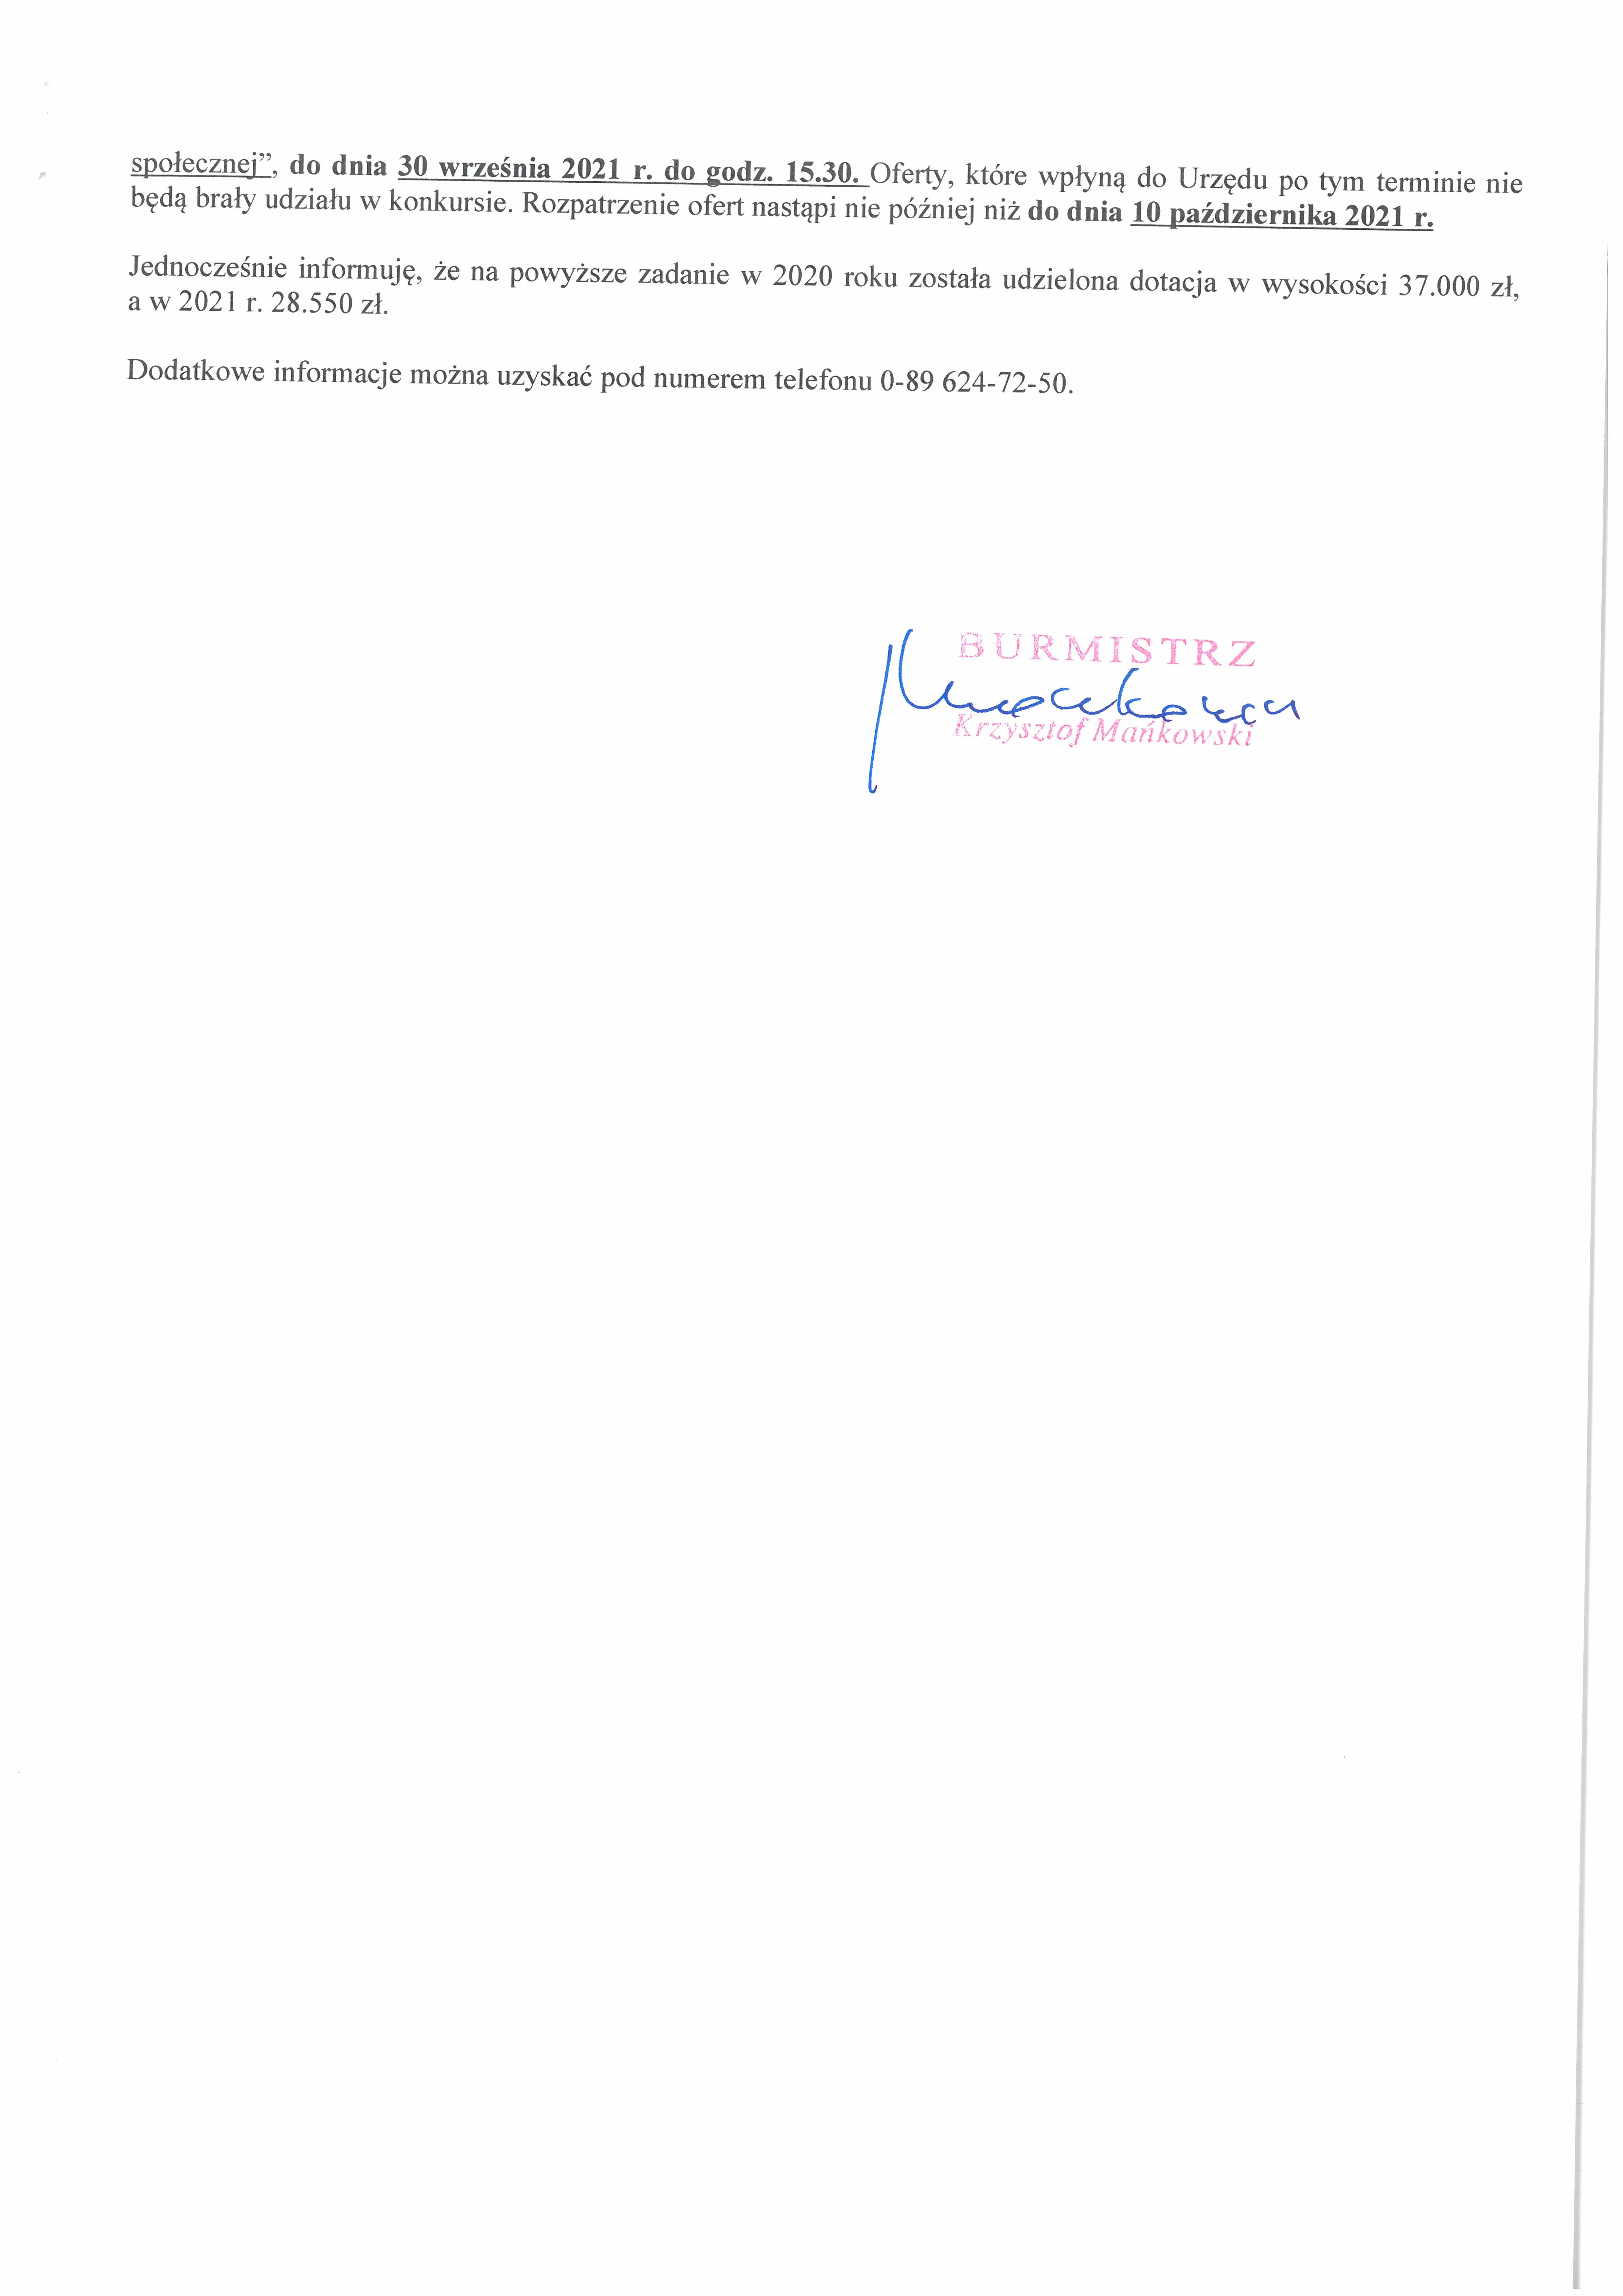 https://m.powiatszczycienski.pl/2021/09/orig/skmbt-c22421090811300-0004-43021.jpg